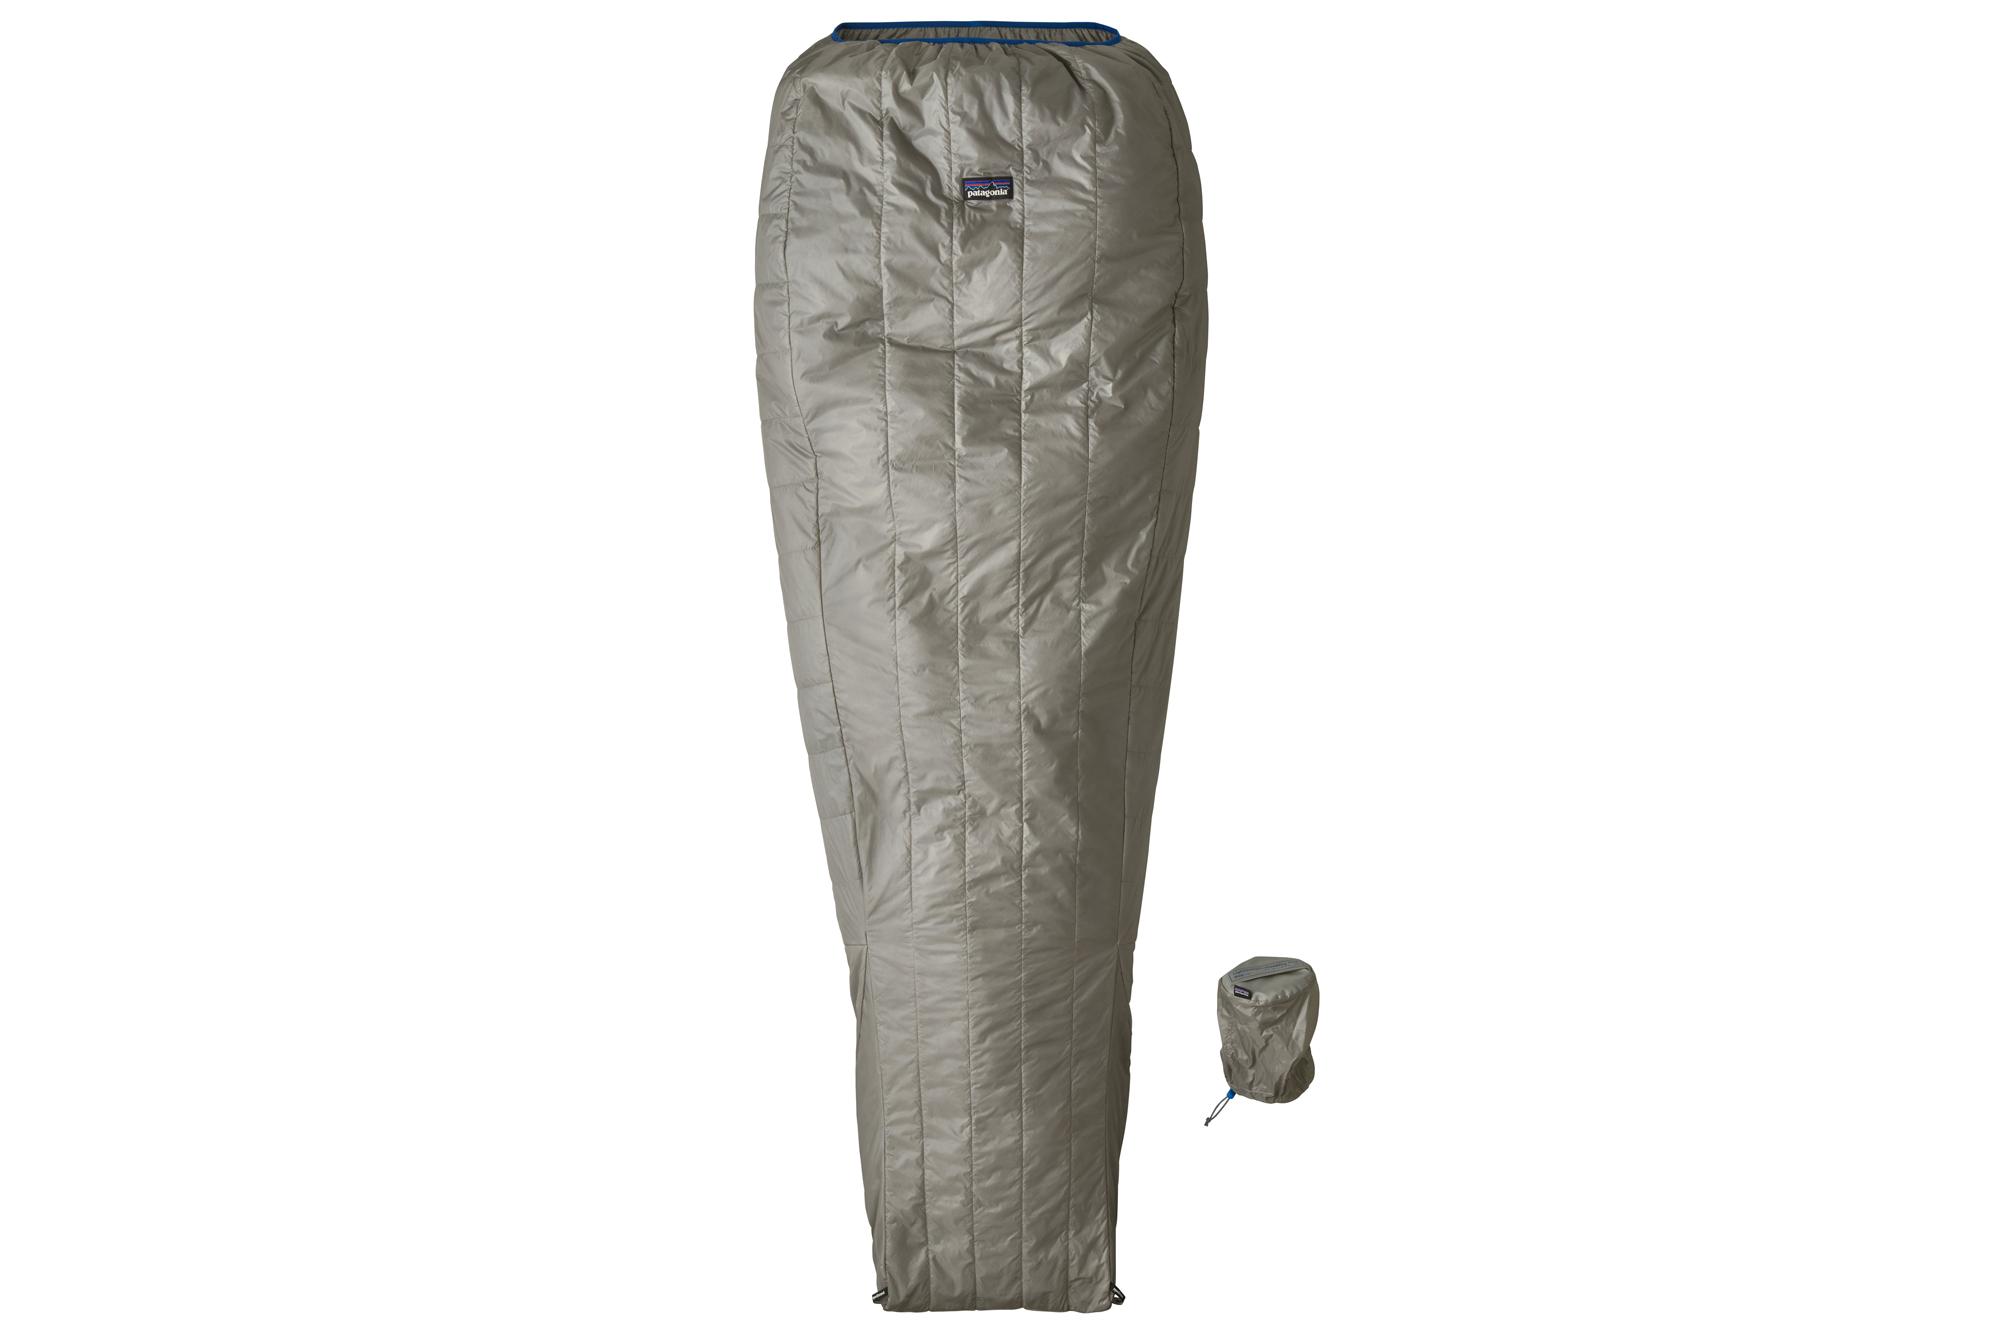 Patagonia Lightweight Sleeping Bag